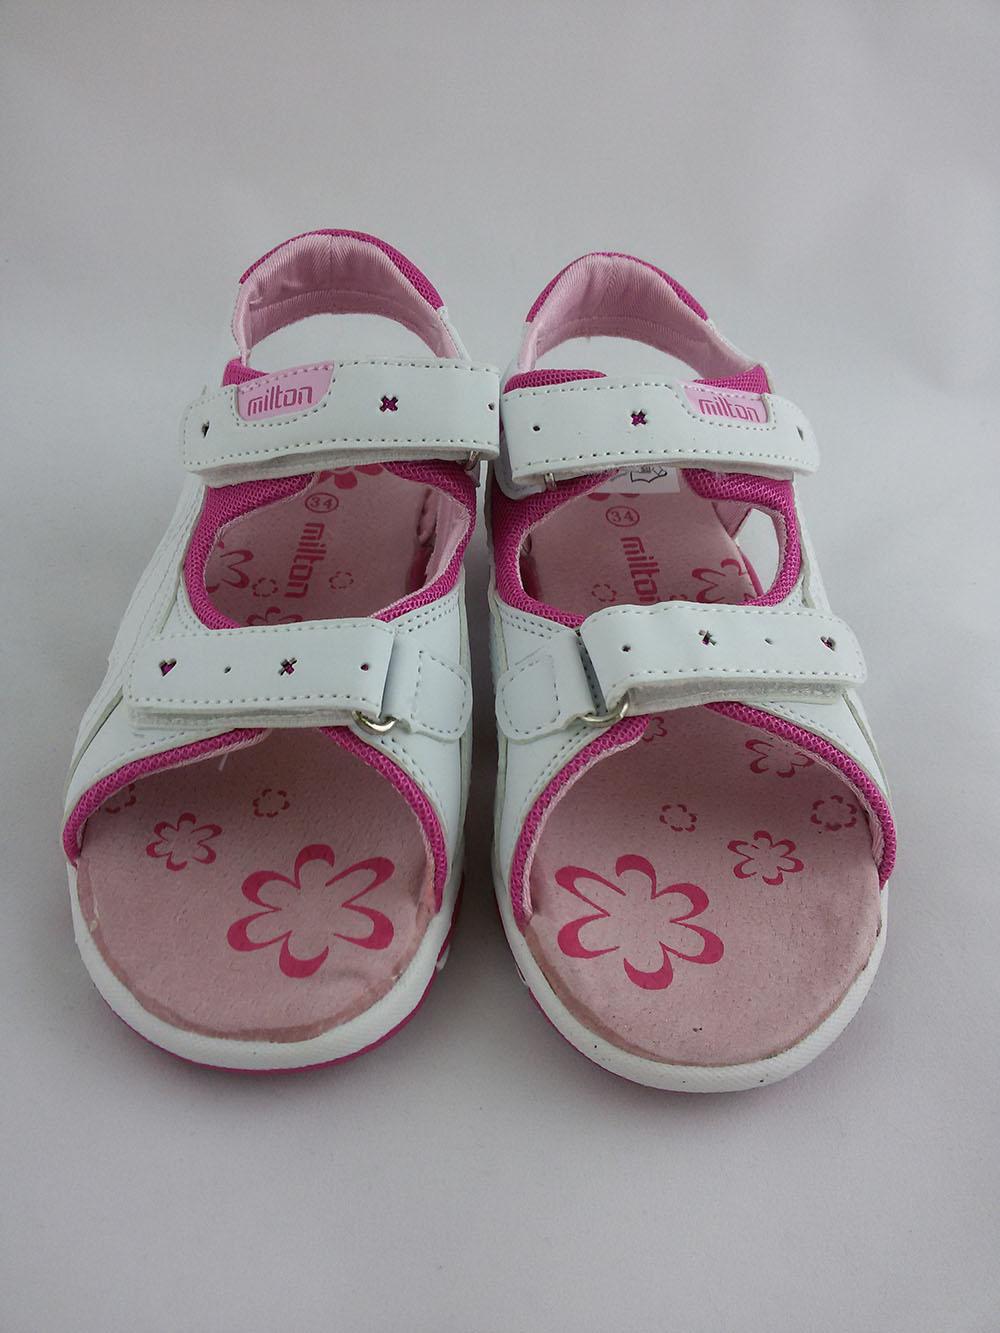 697e8955 туфли открытые Milton от интернет-магазина Сандалики в Екатеринбурге